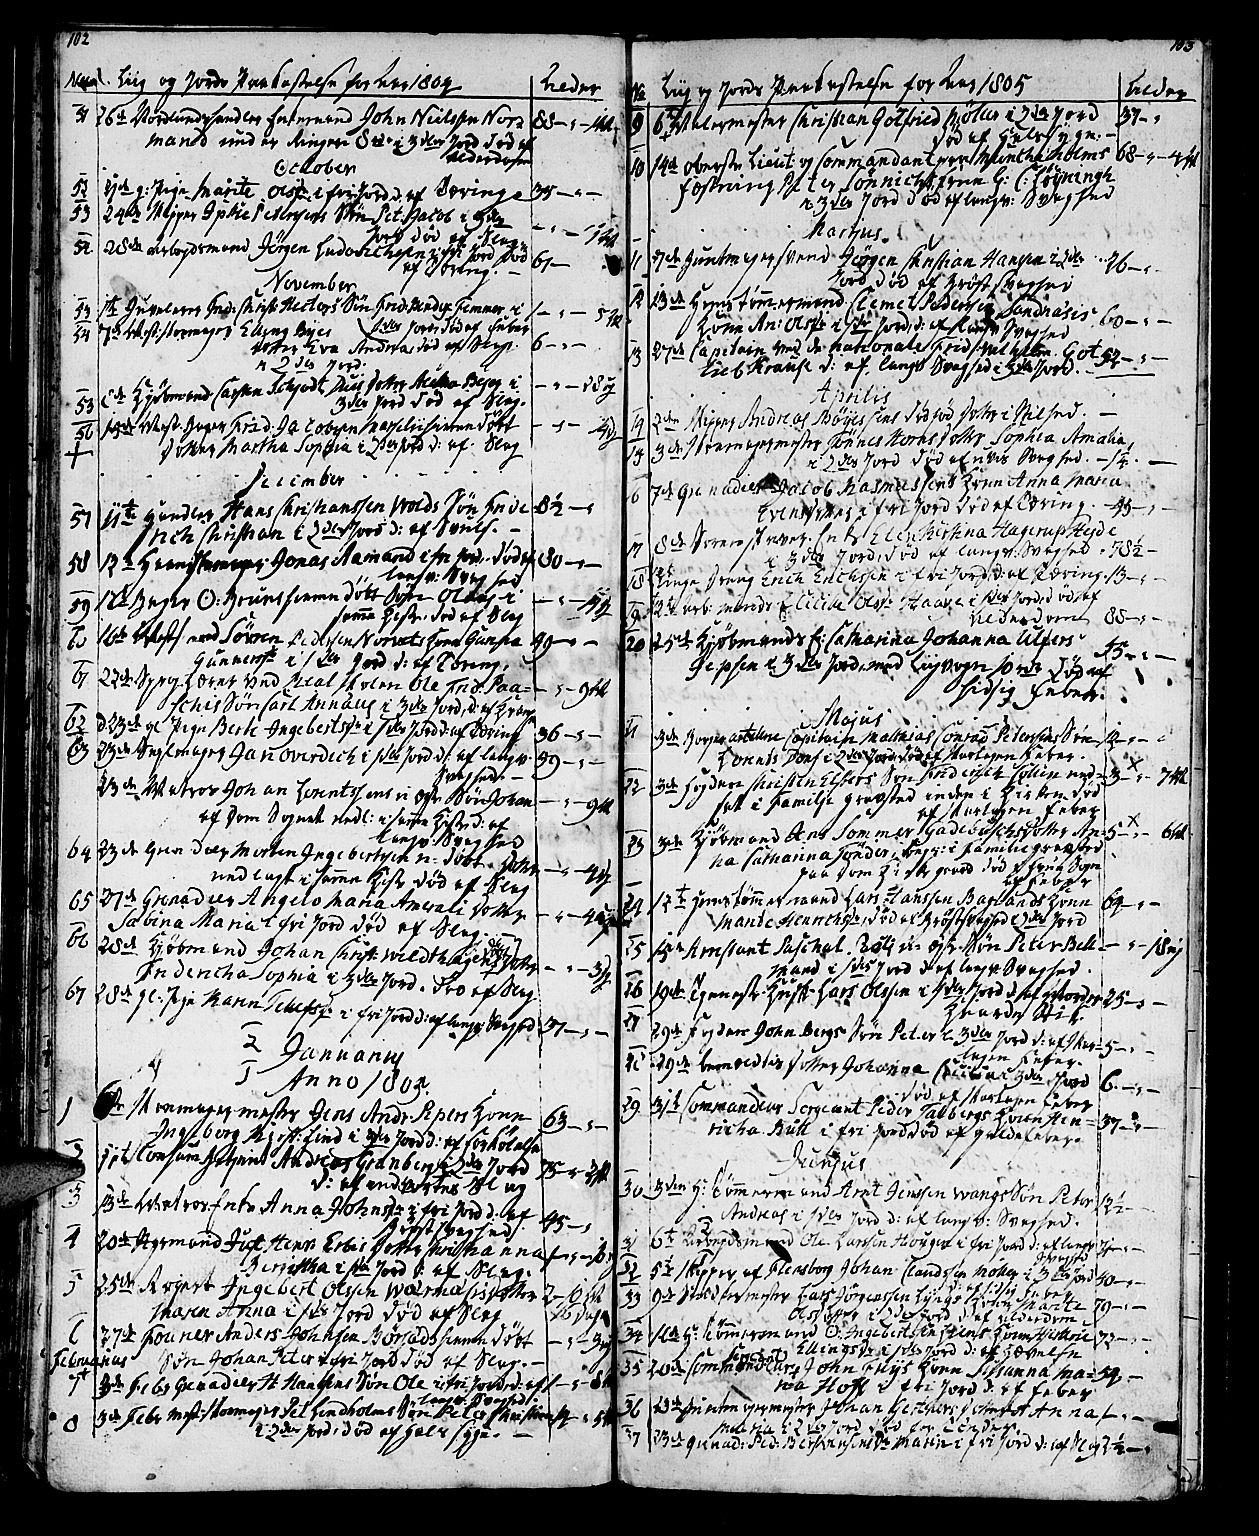 SAT, Ministerialprotokoller, klokkerbøker og fødselsregistre - Sør-Trøndelag, 602/L0134: Klokkerbok nr. 602C02, 1759-1812, s. 102-103